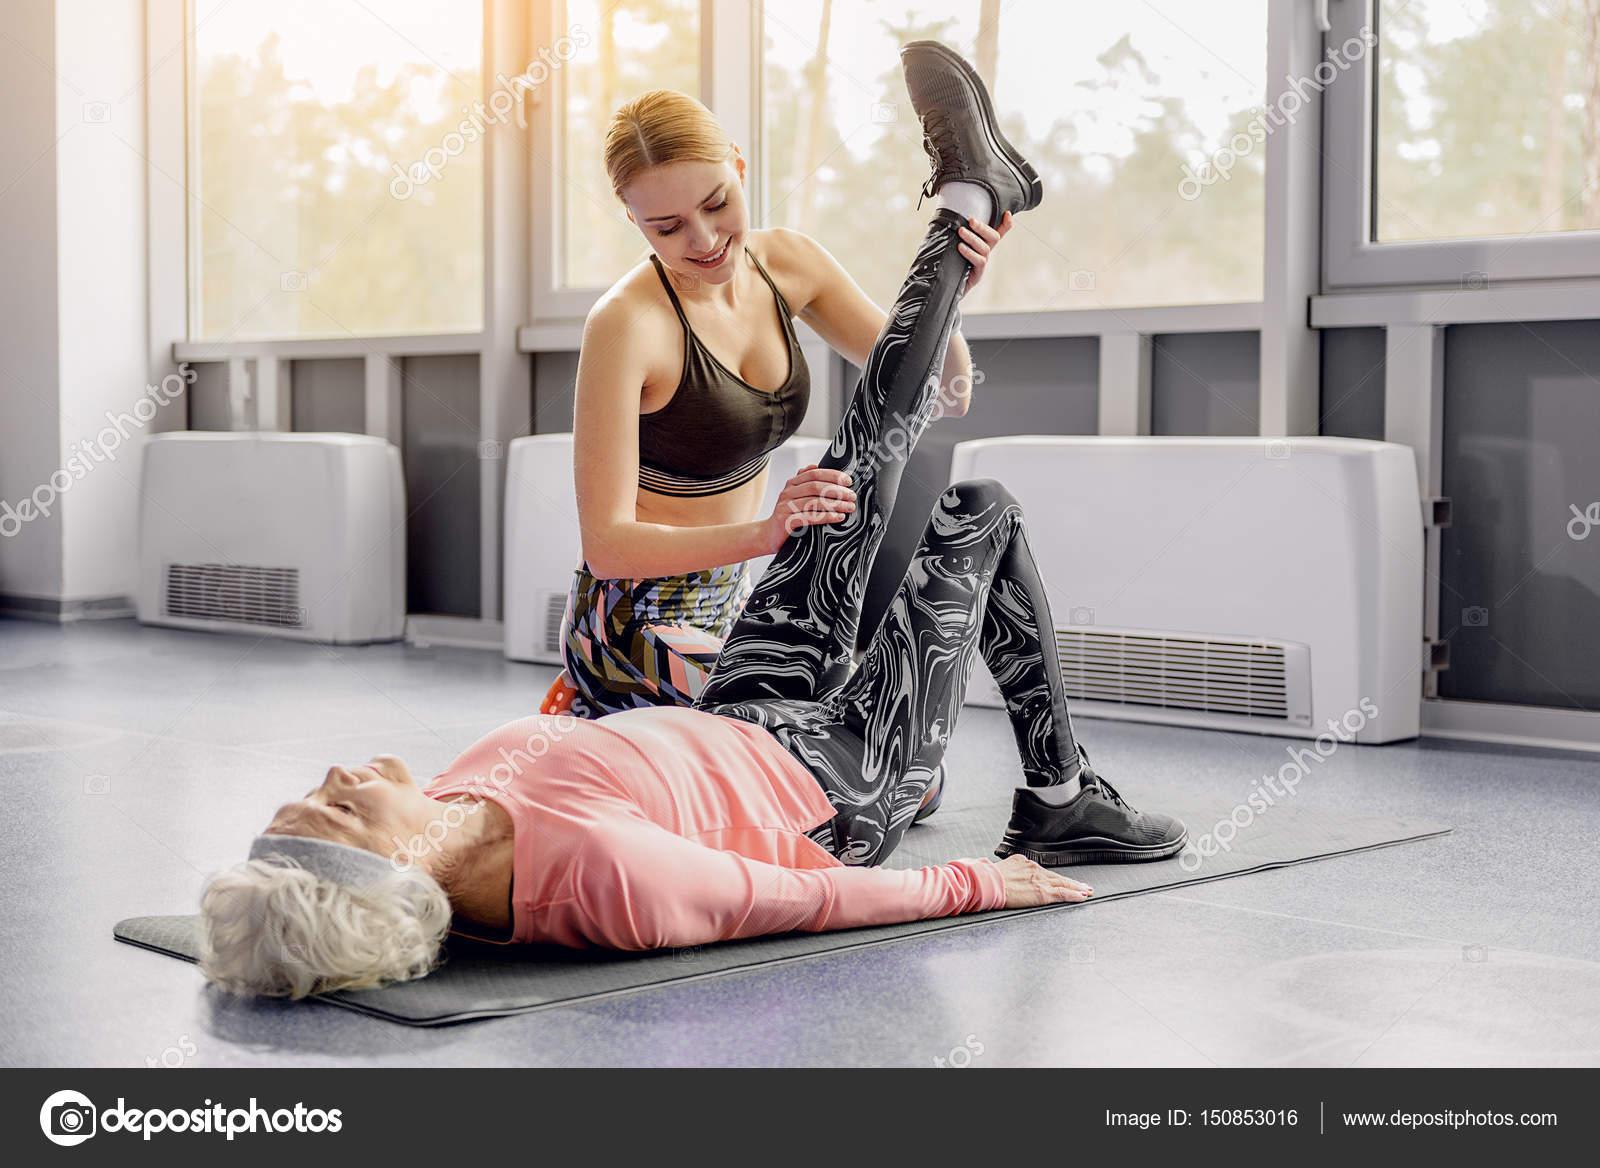 448c946f7 Avó de treinamento mulher saída em aulas de fitness — Fotografia de Stock